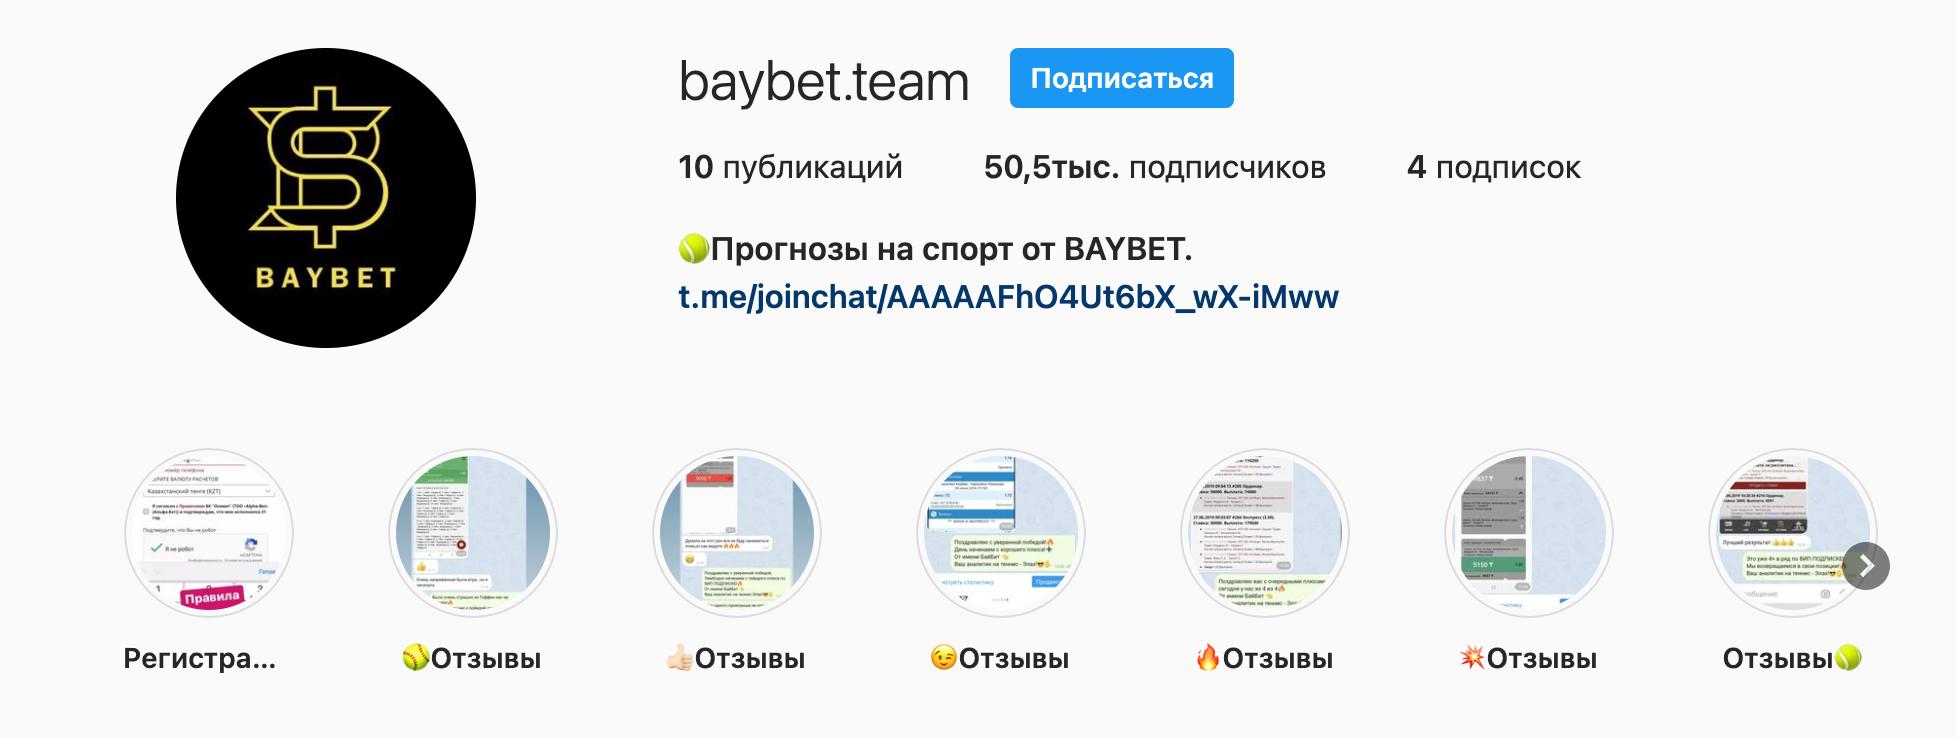 Инстаграм BayBet